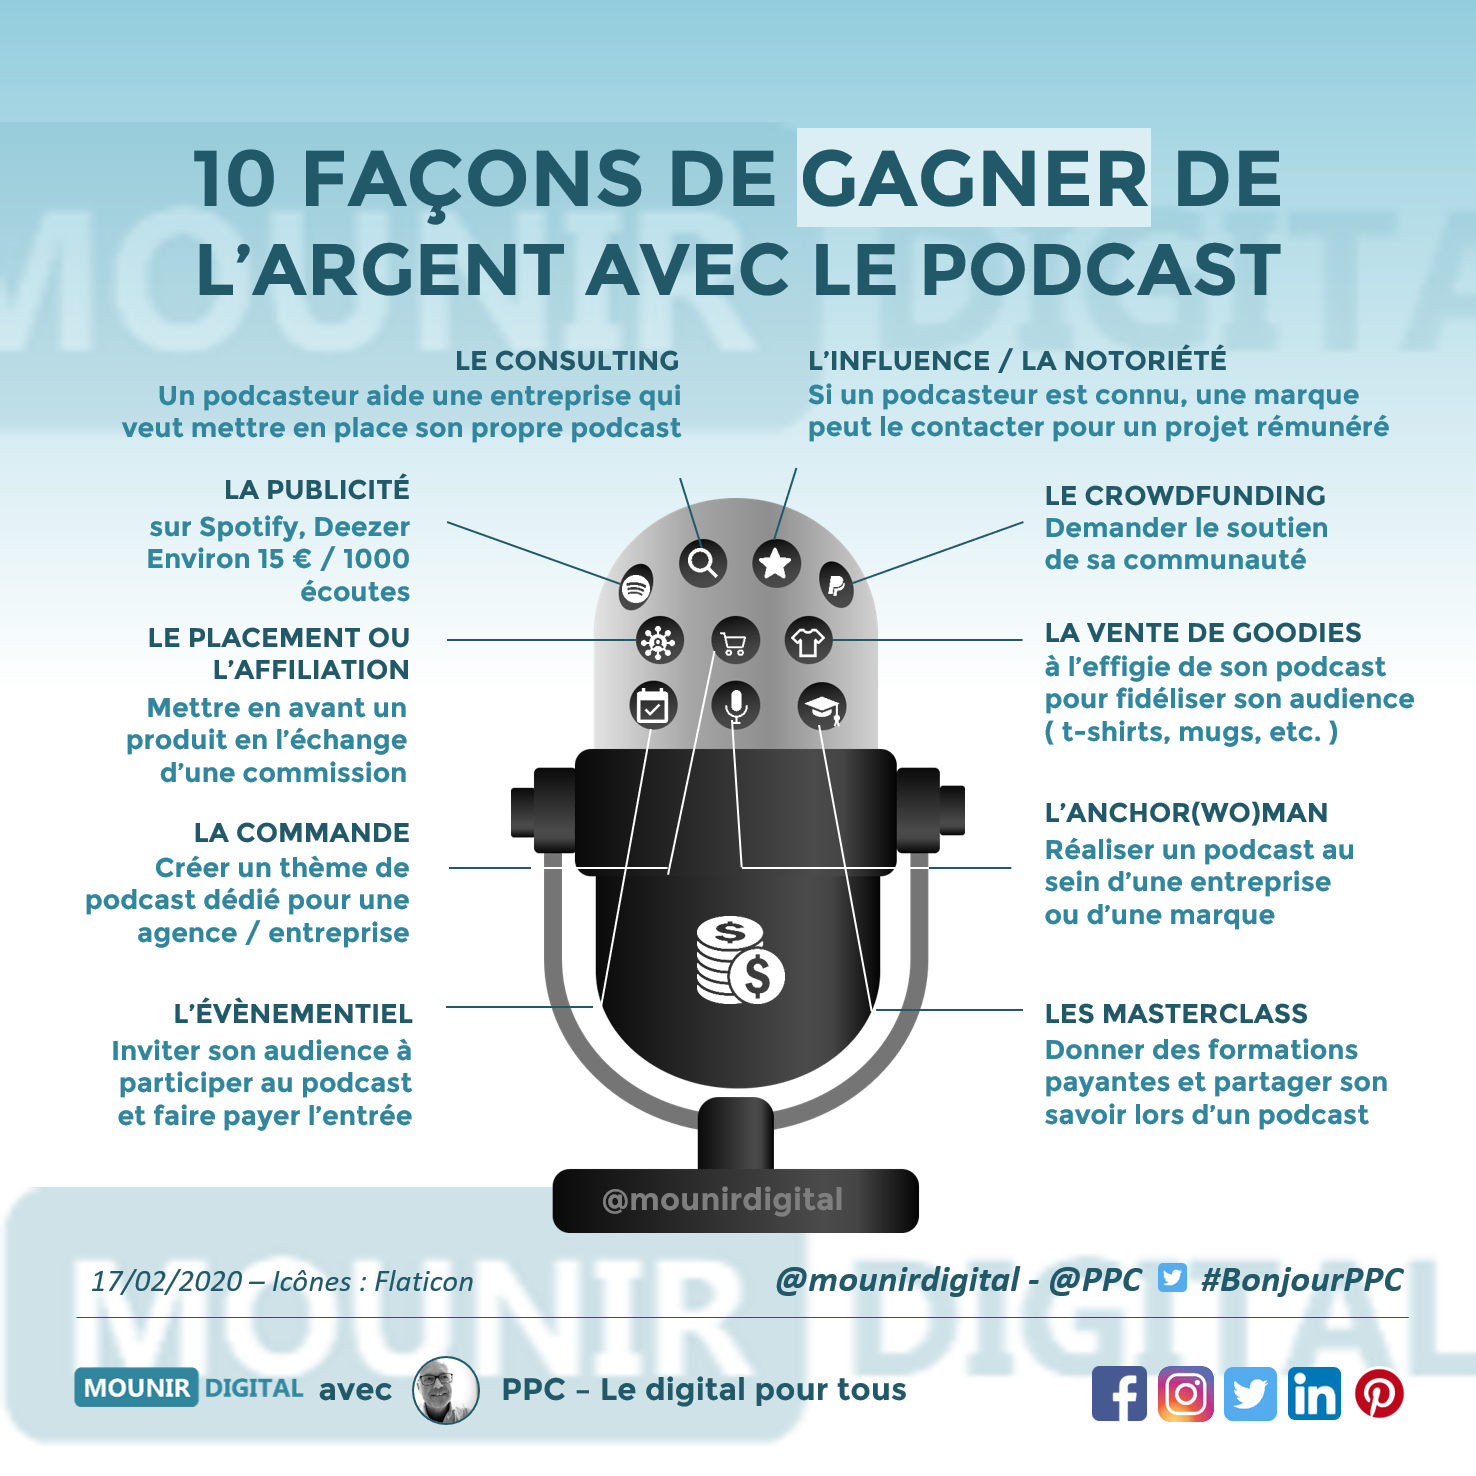 Pourquoi miser sur le podcast - Mounir Digital